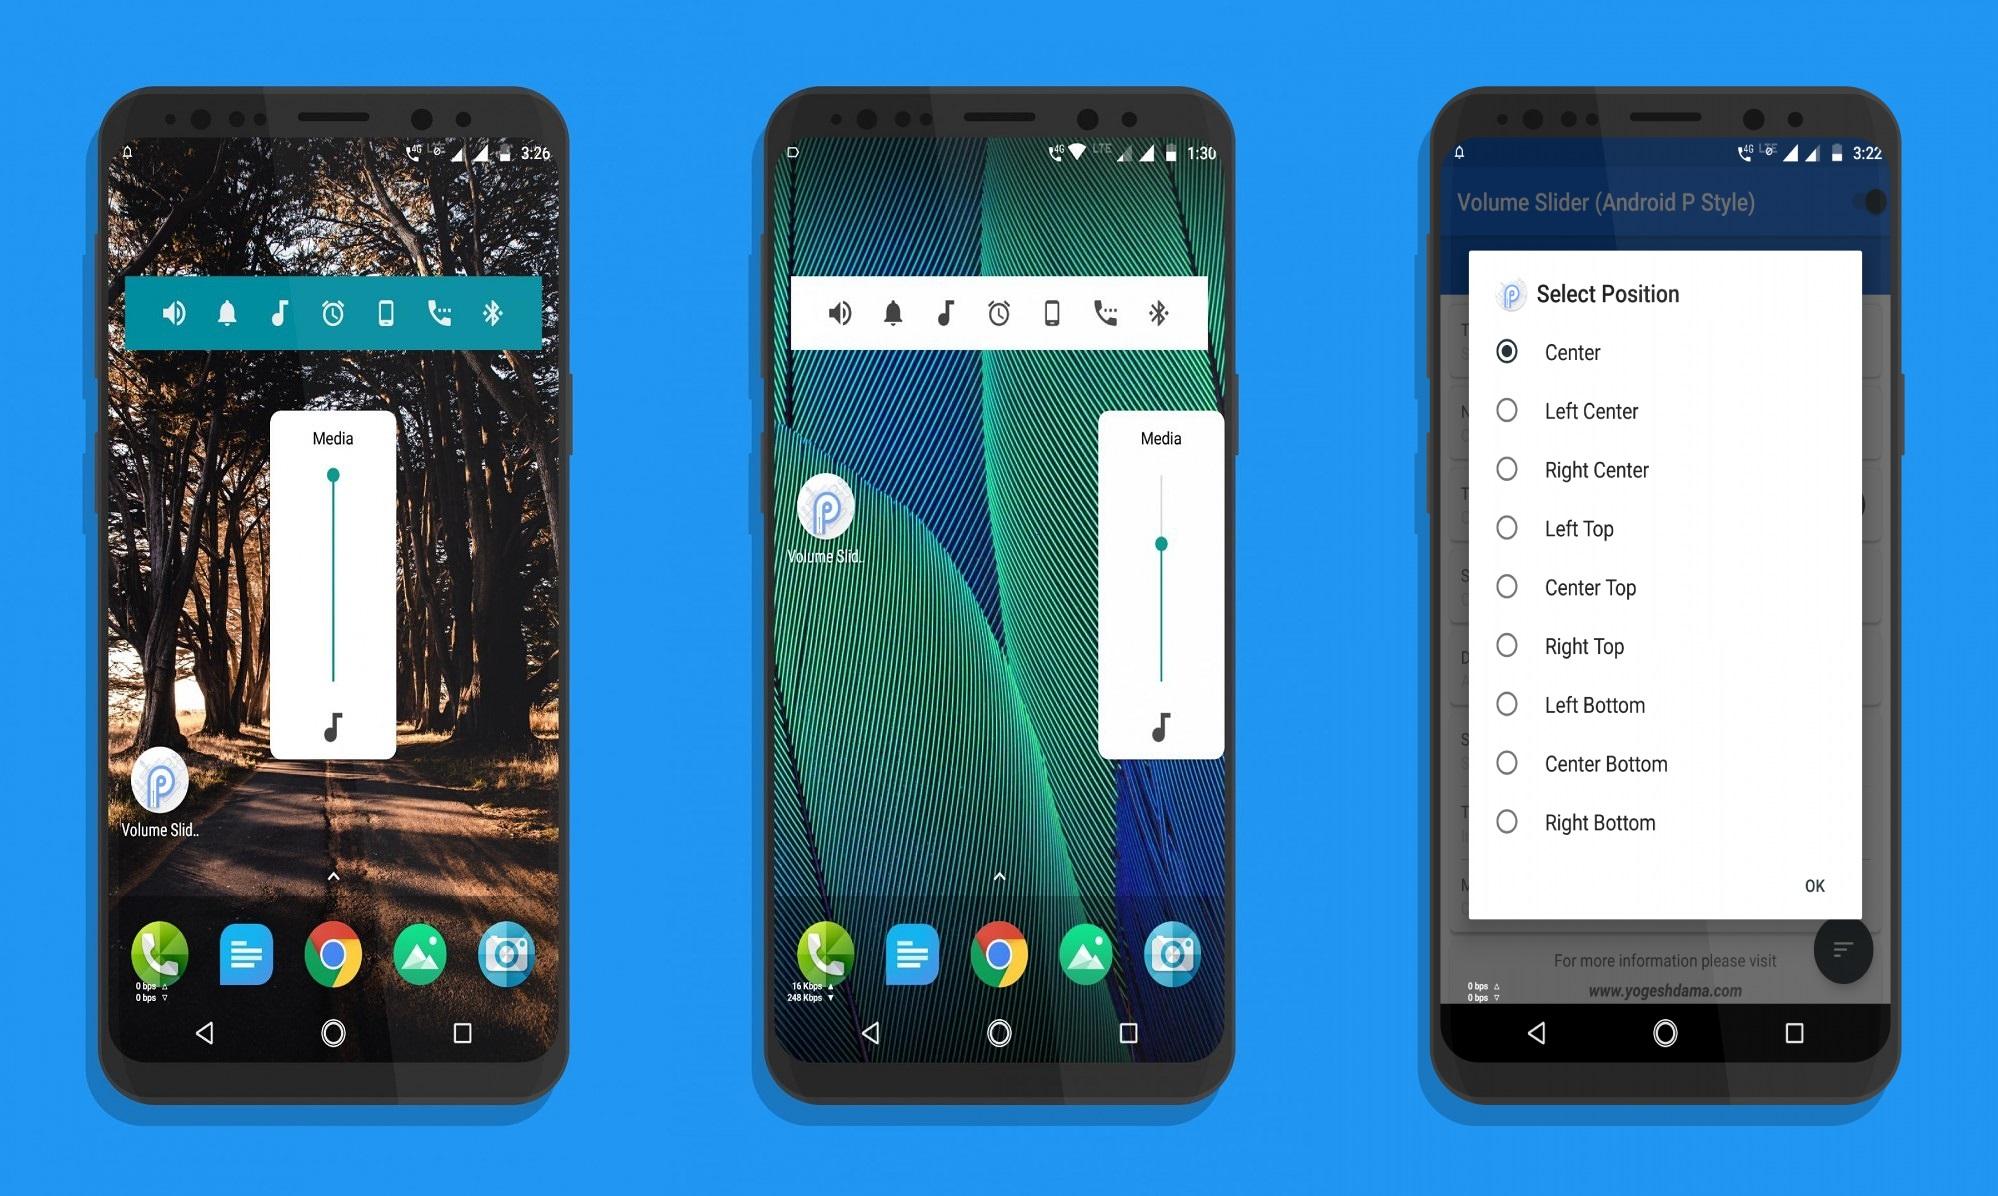 android-p-volume-slider-banner